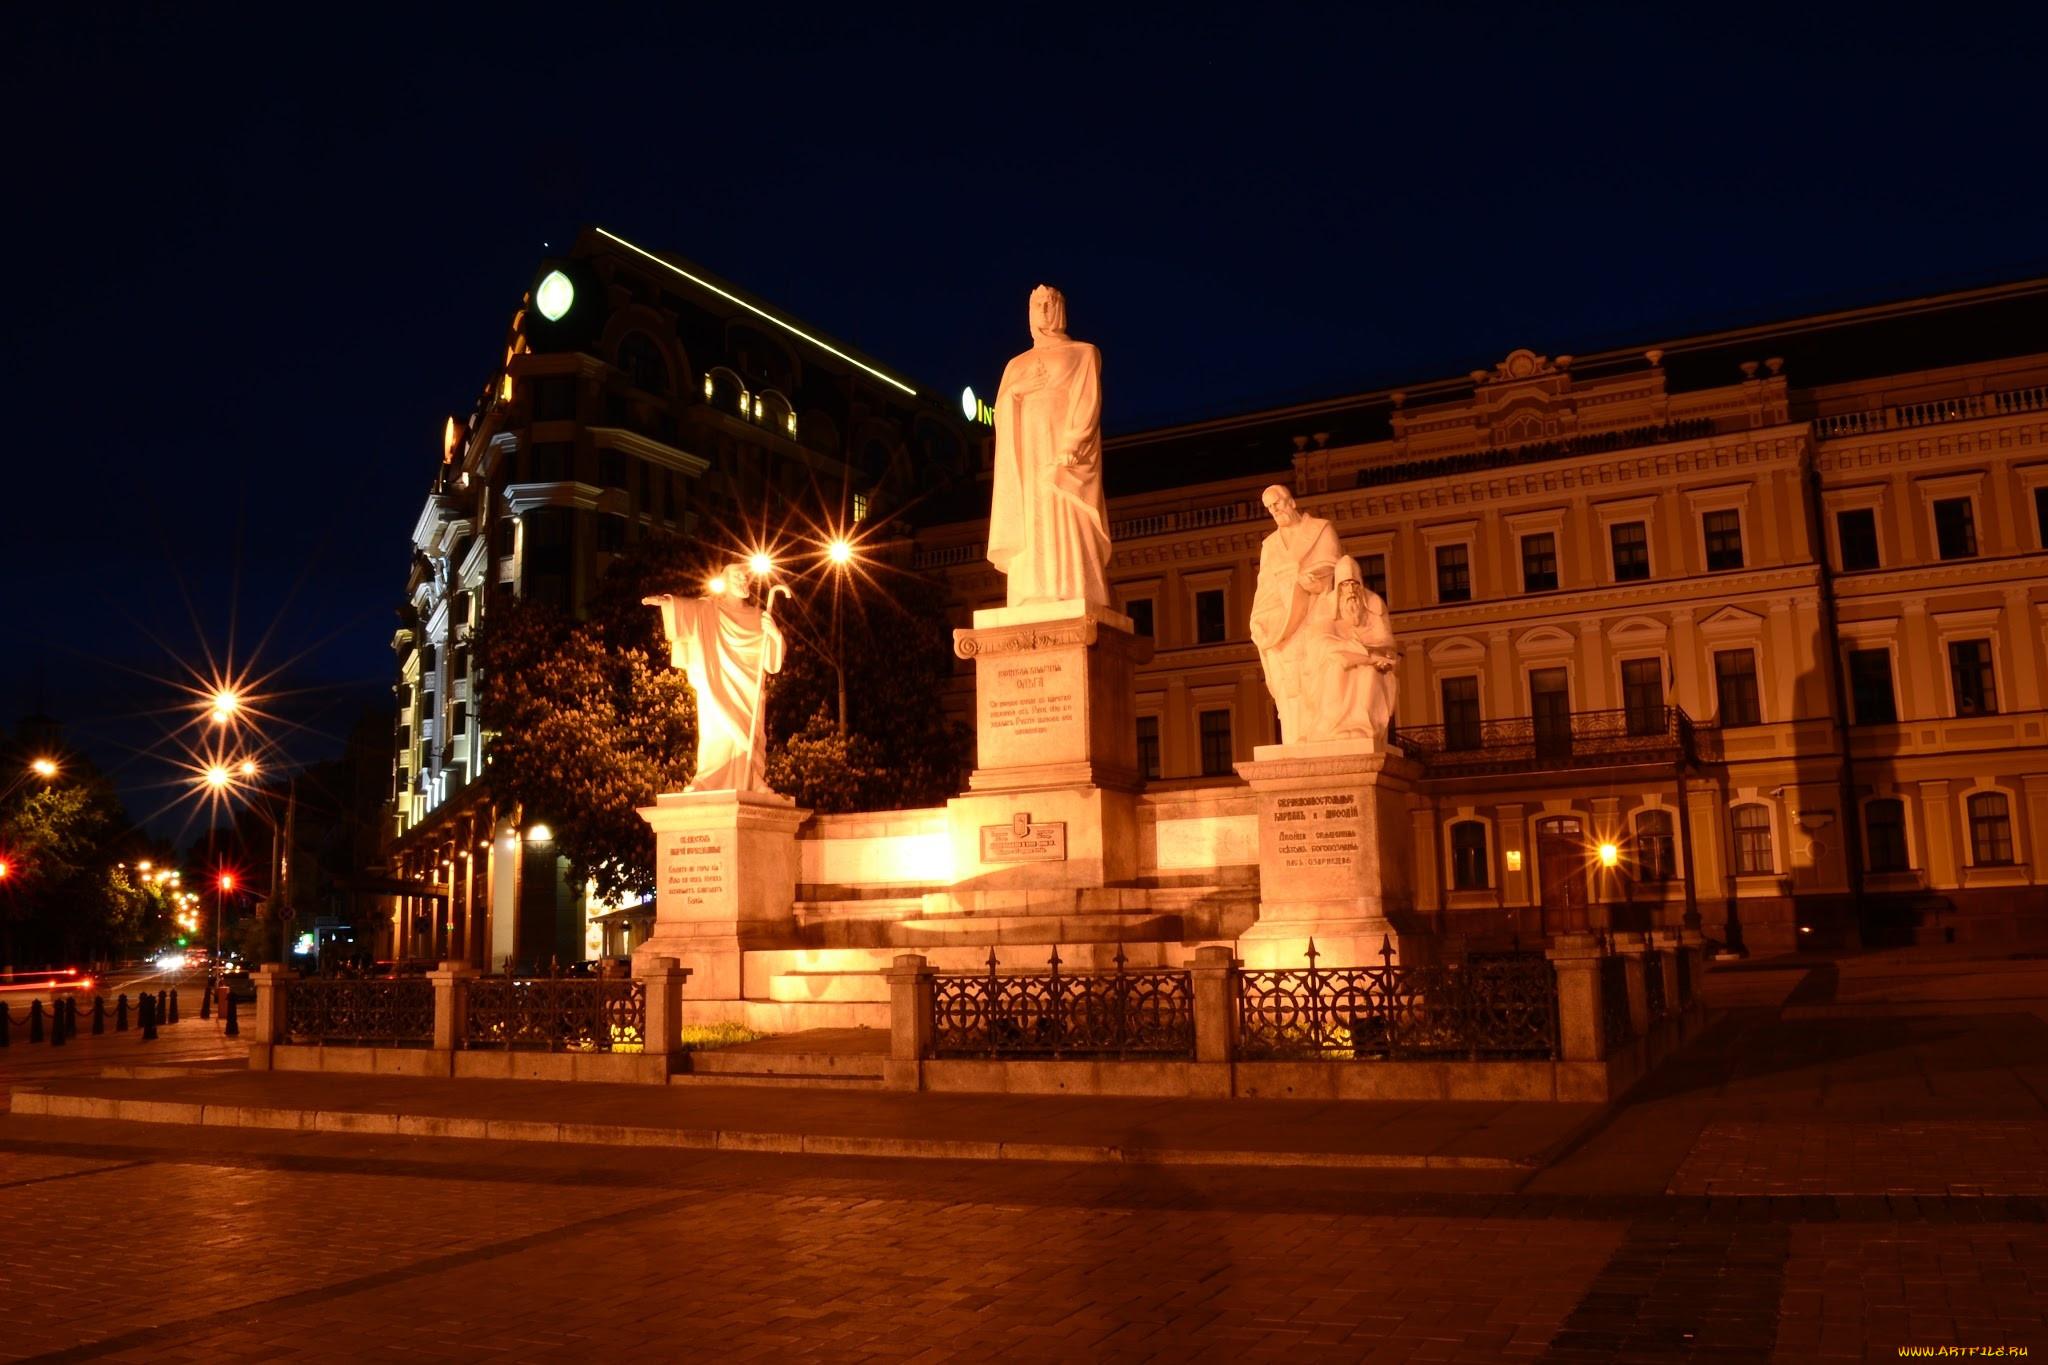 рынке фото памятников киева ночью это подсветка